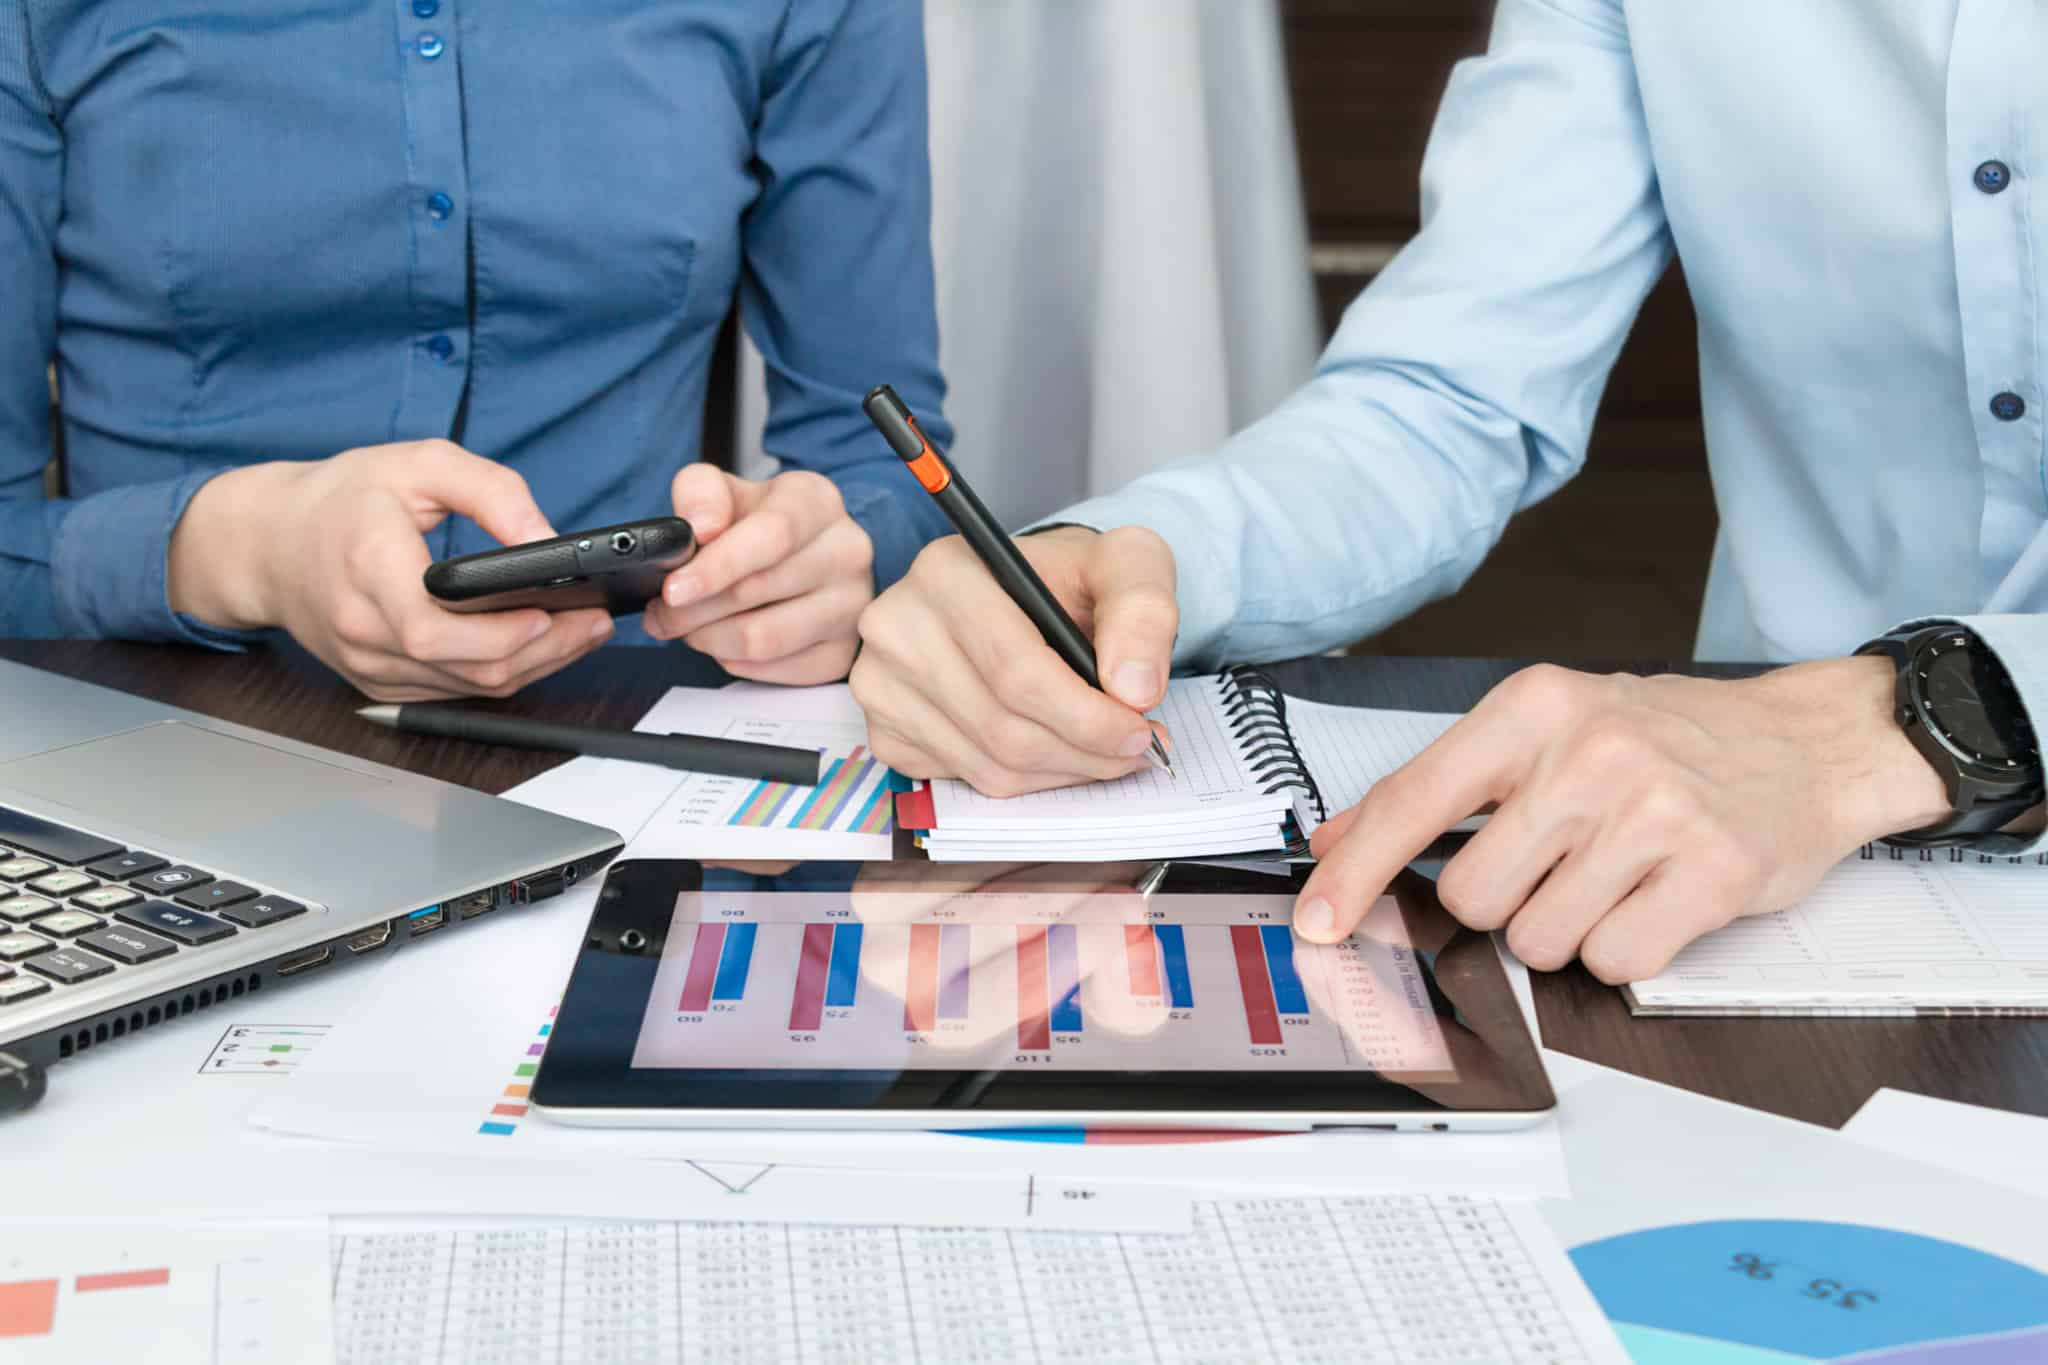 dois homens trabalham com um gráfico que aparece no tablet